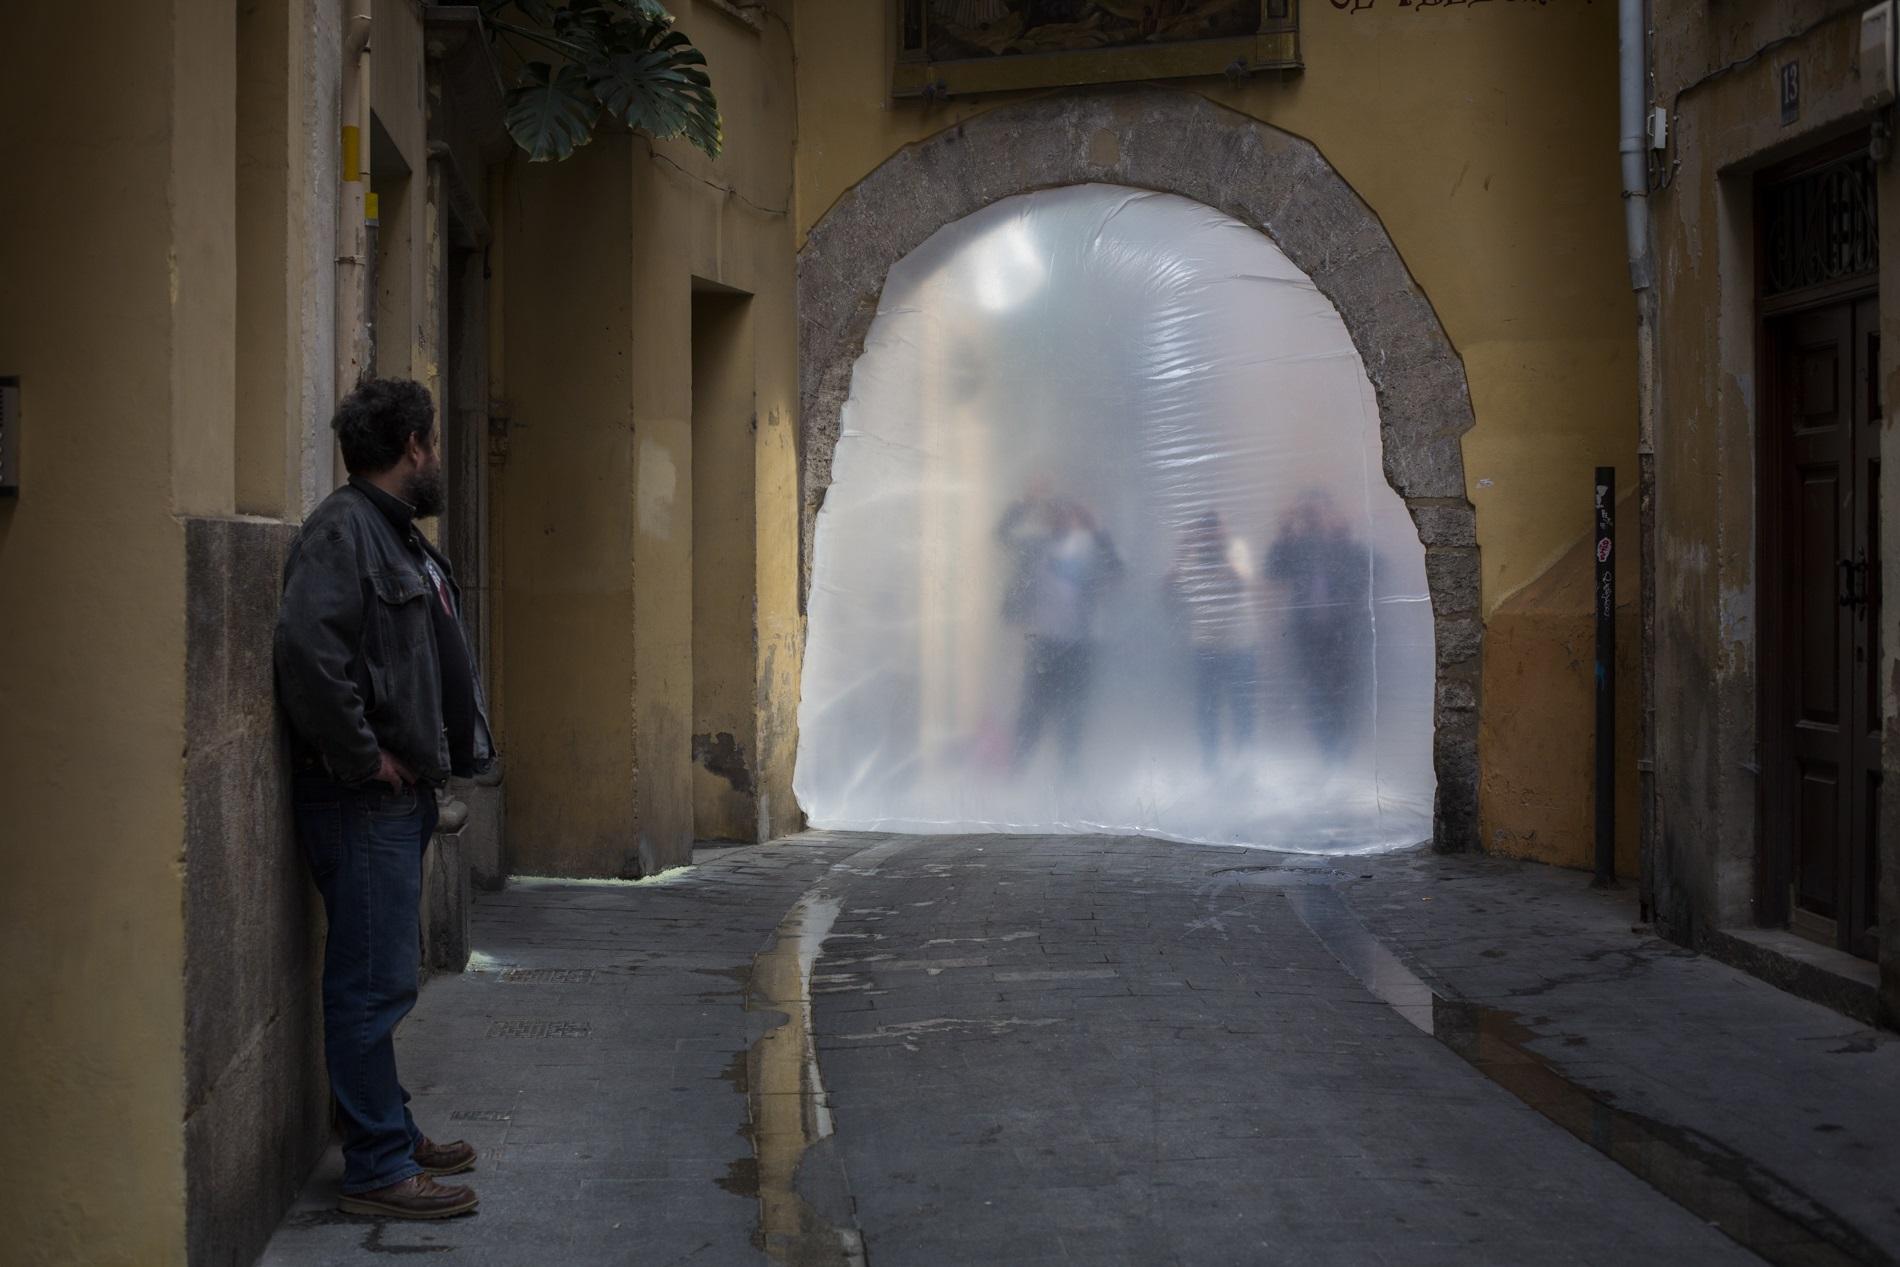 El arte urbano en Intramurs, pasa incluso por sellar túneles de la ciudad.